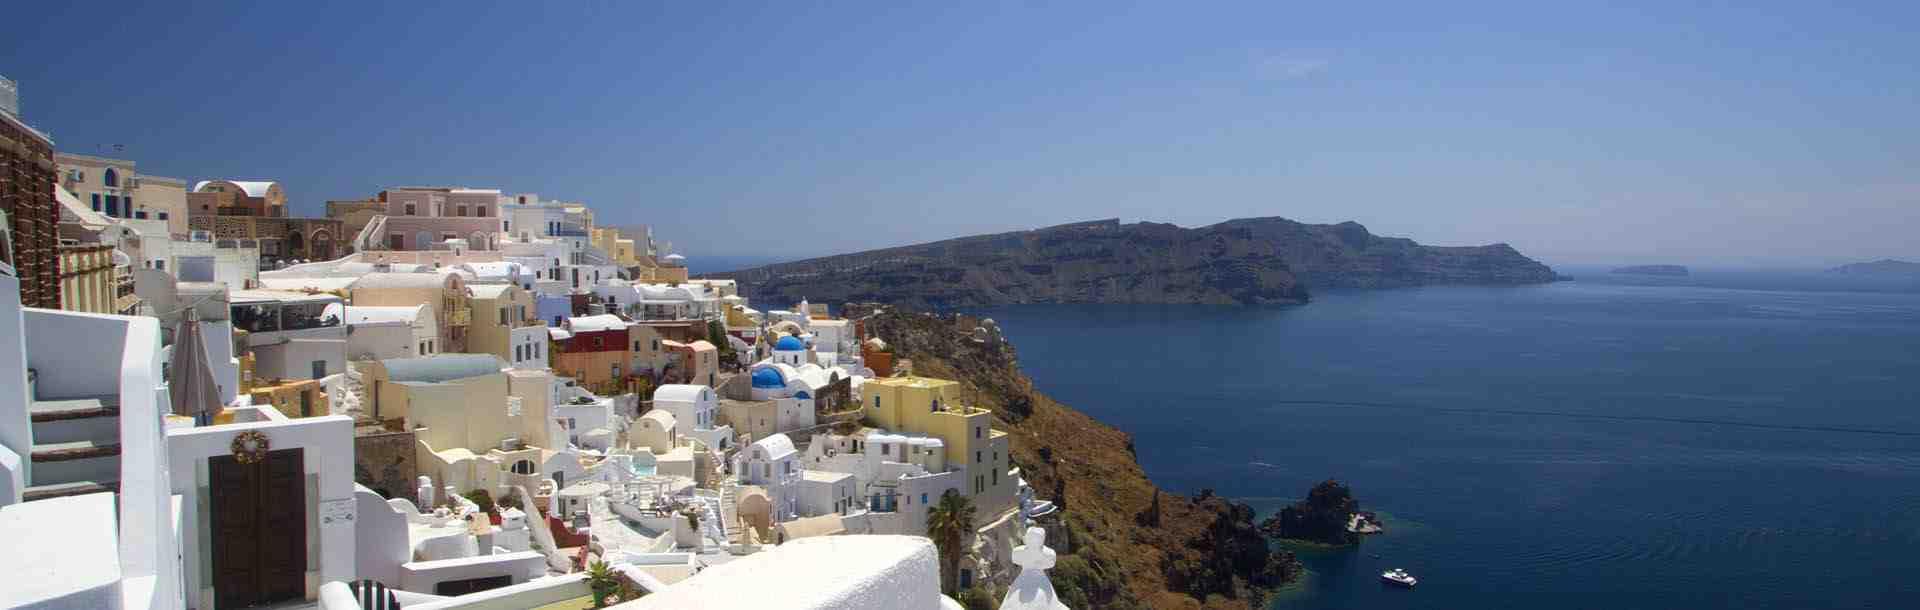 Quelle est la meilleure période pour partir en Grèce?